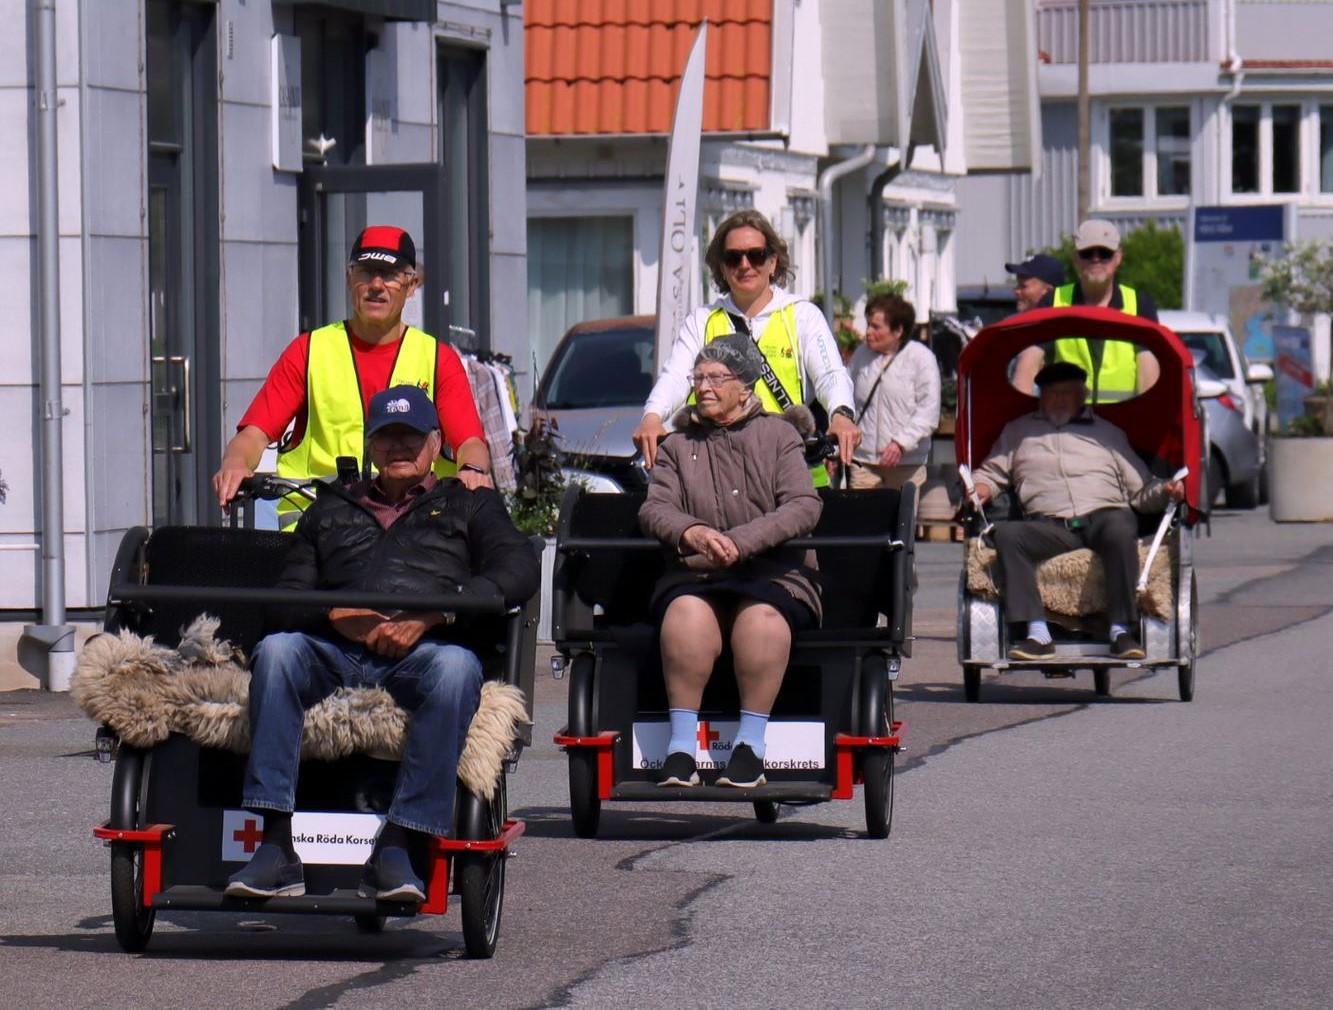 Cykling utan ålder ger äldre en chans till vind i håret igen